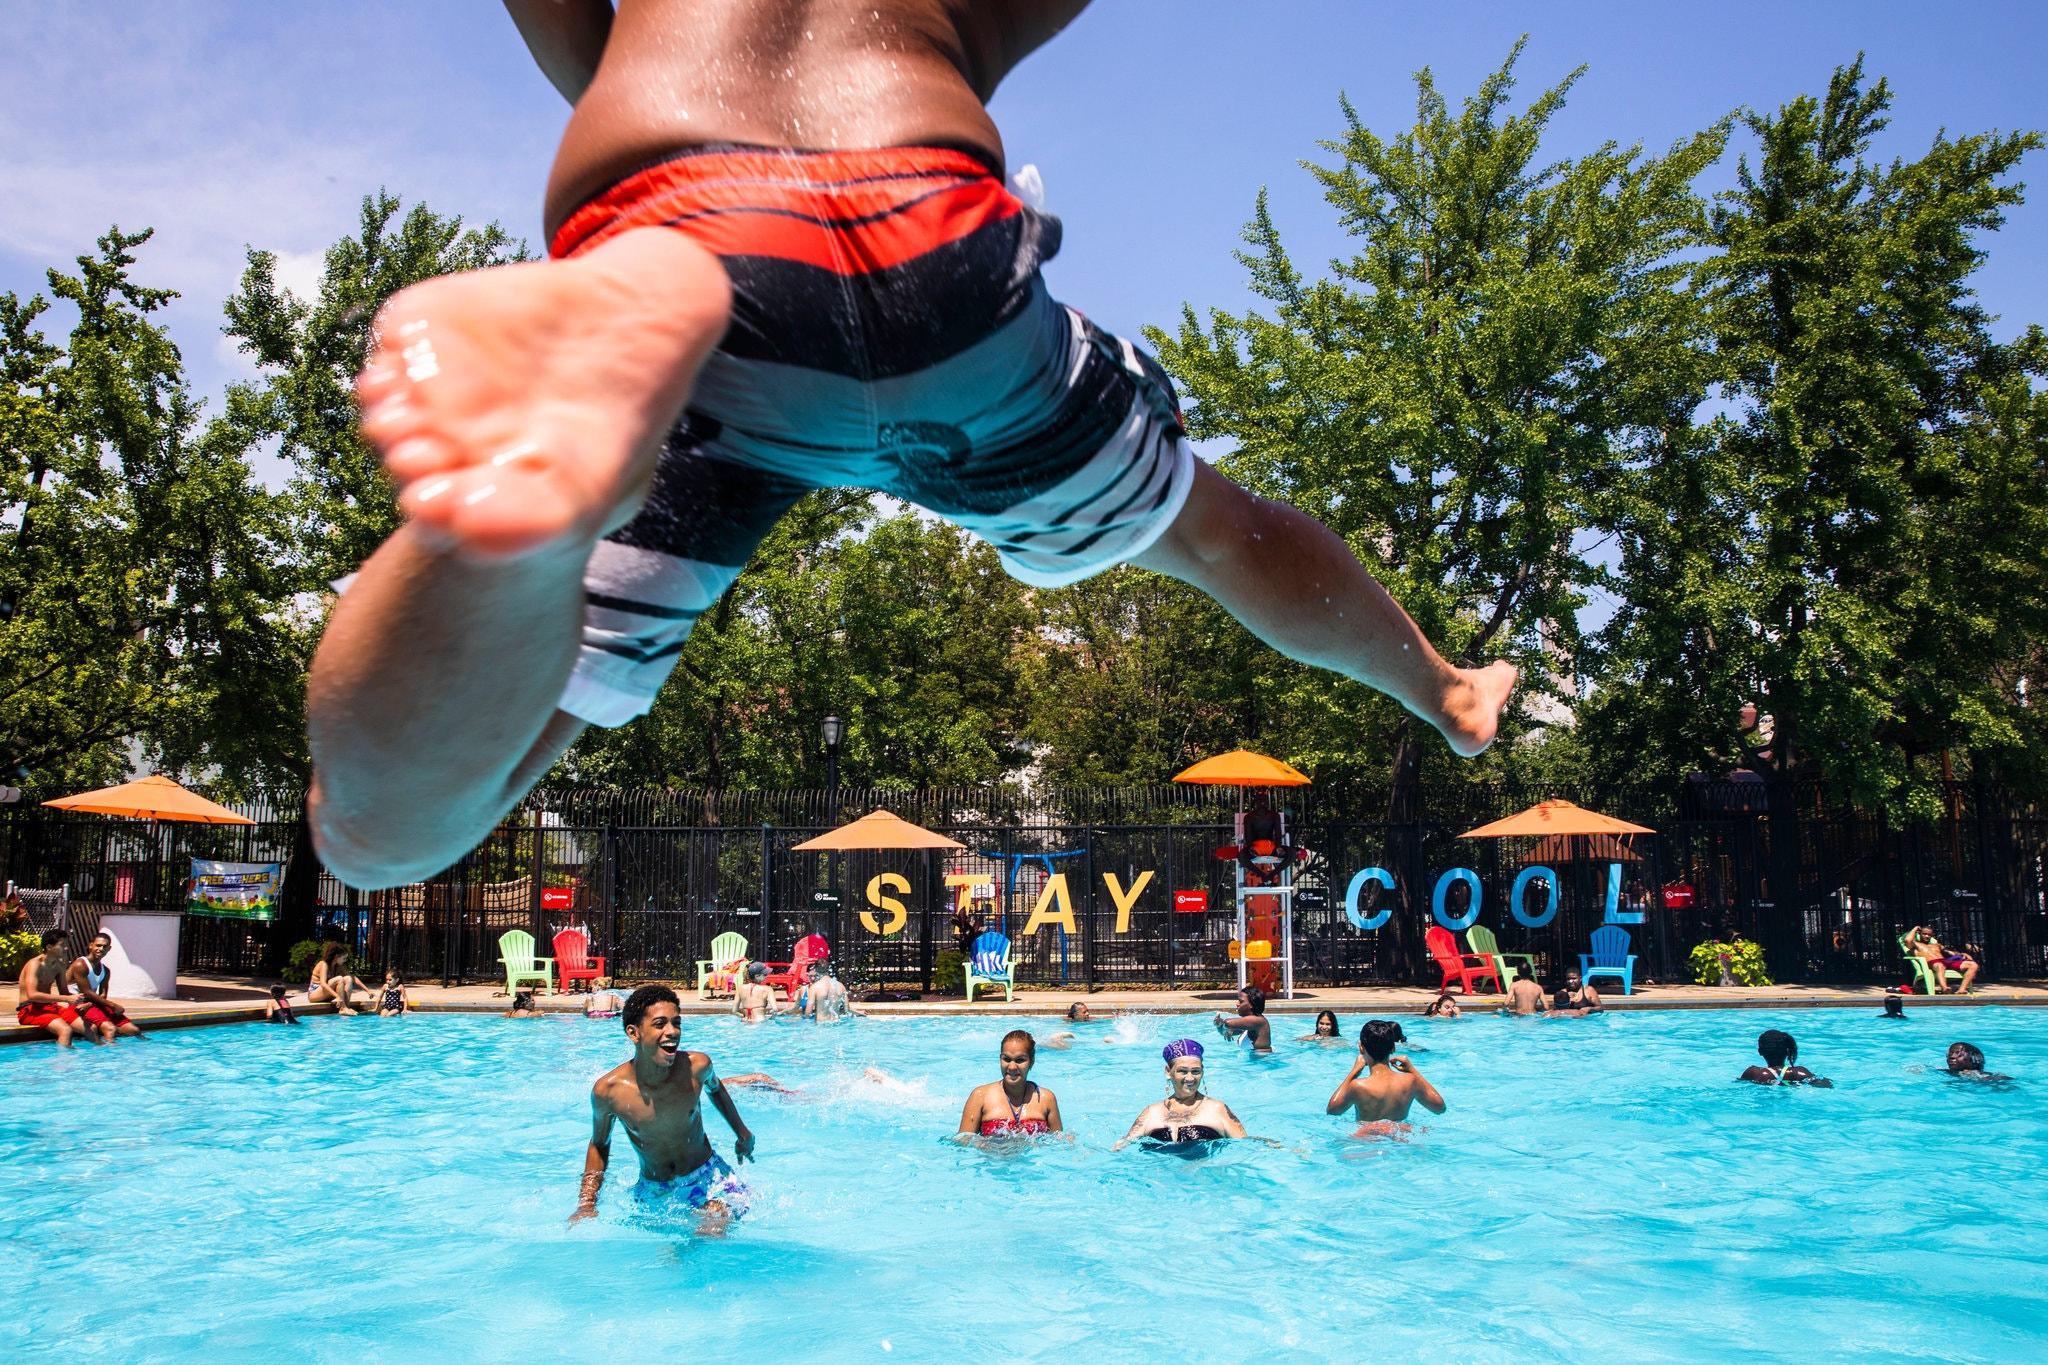 الامريكيون يلجأون لحمامات السباحة العامة هروبا من الحرارة